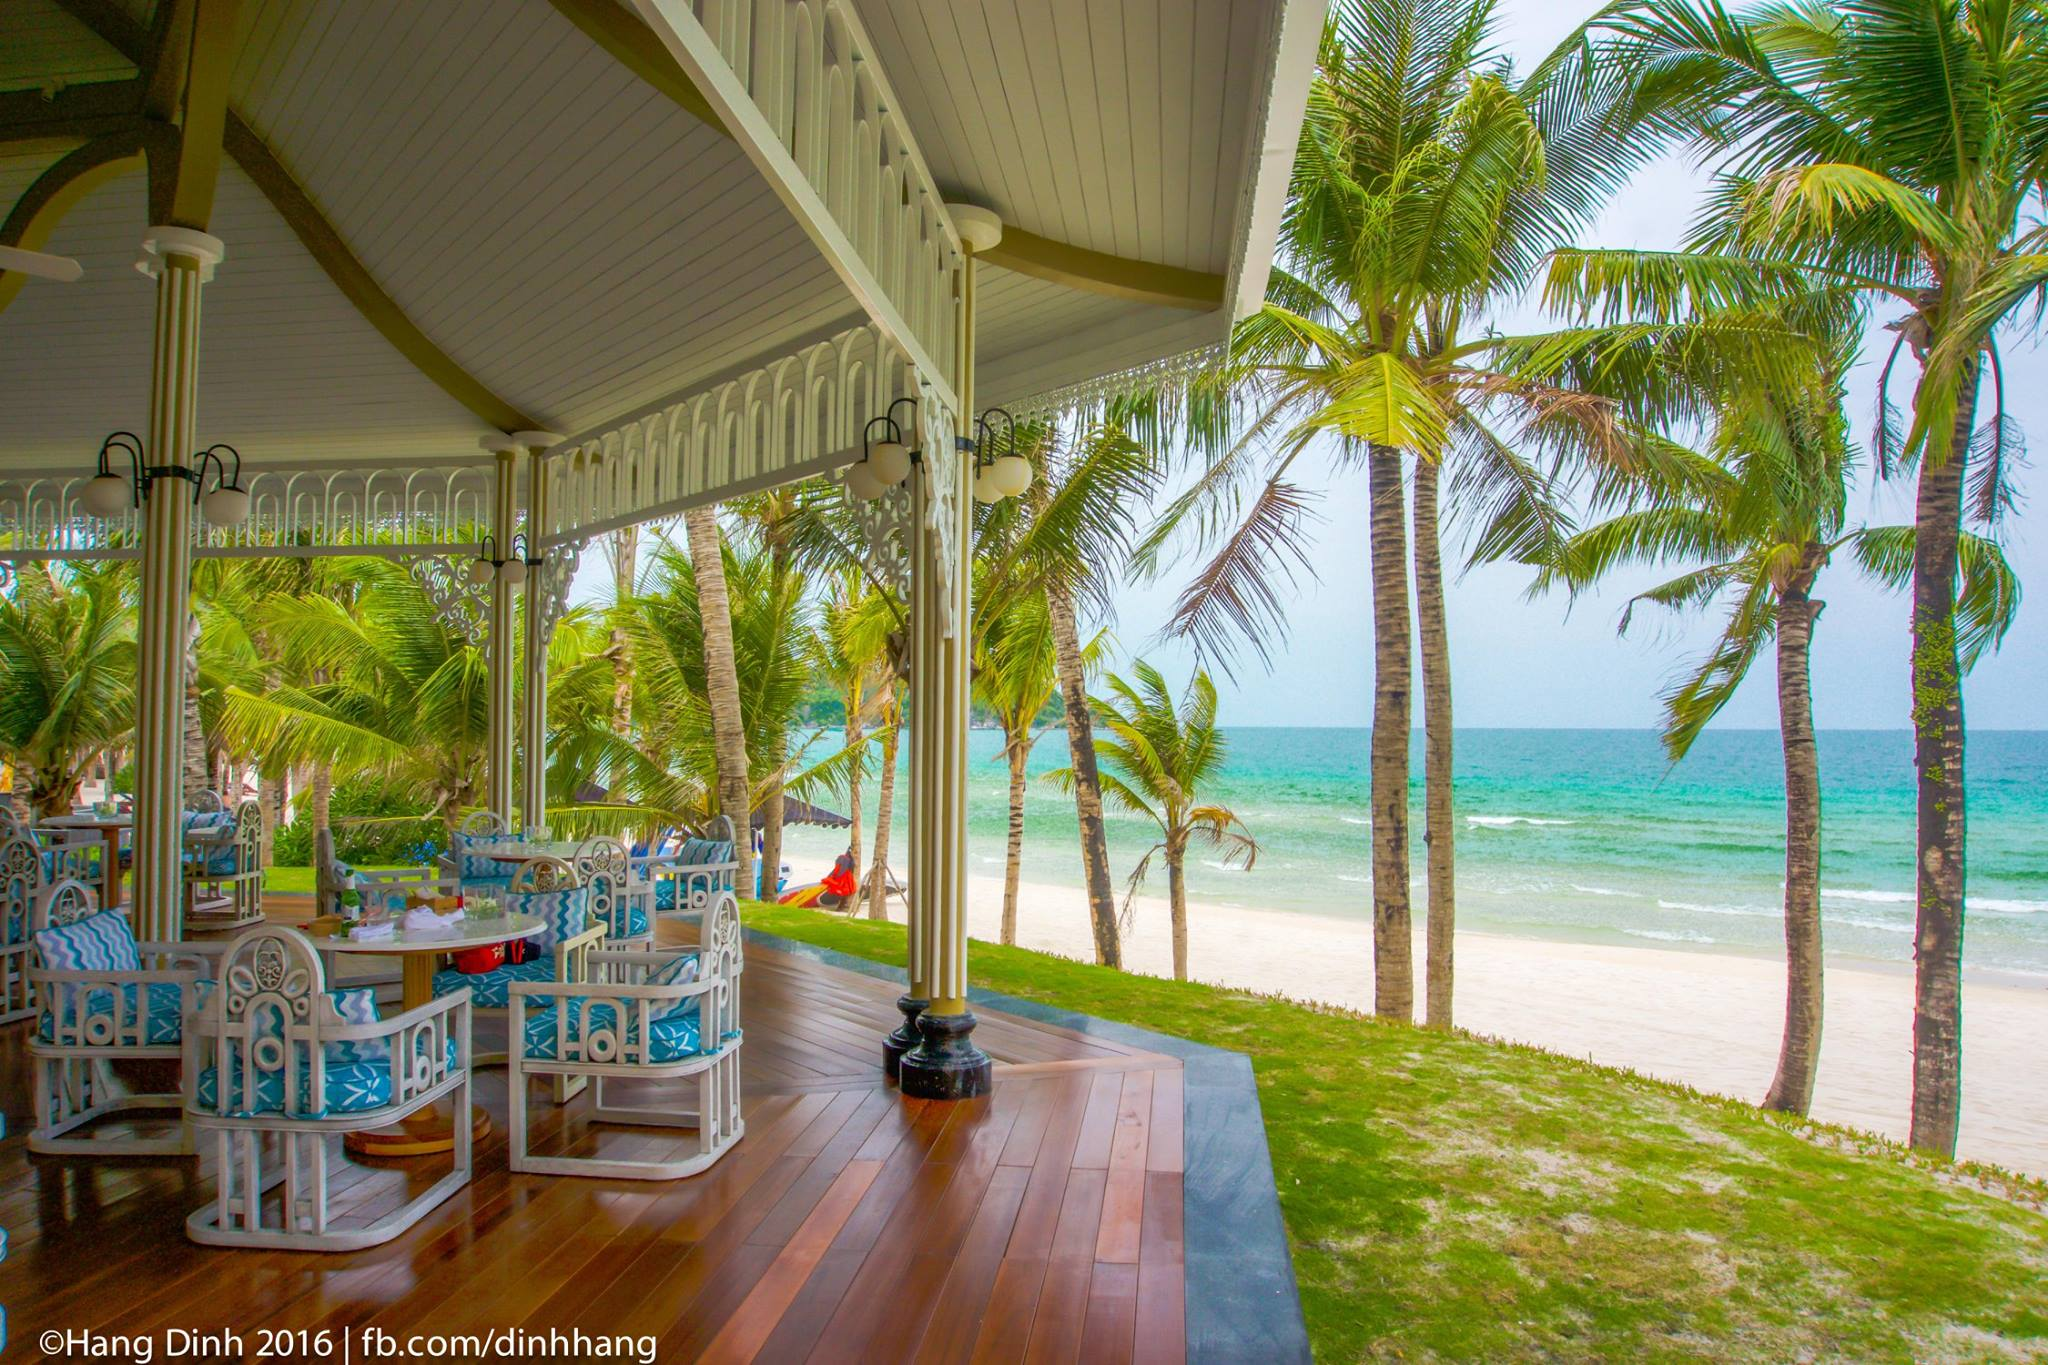 Trải nghiệm resort xa hoa như thiên đường ở Phú Quốc: Đẹp choáng ngợp, ăn ngon không thốt nên lời! - Ảnh 26.